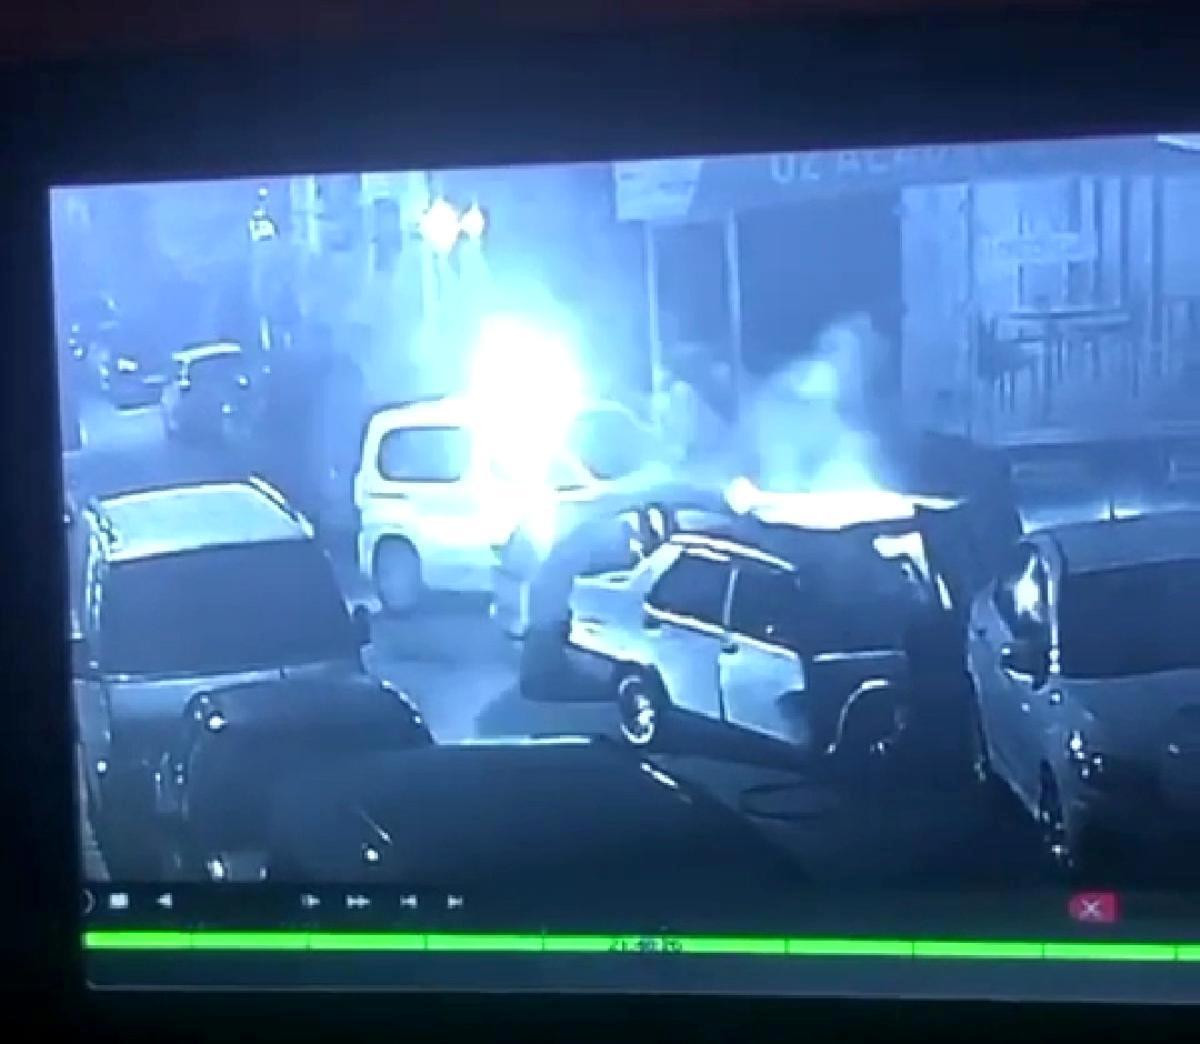 Polisten kaçan şüpheli, seyir halindeki araca böyle çarptı: 3 yaralı